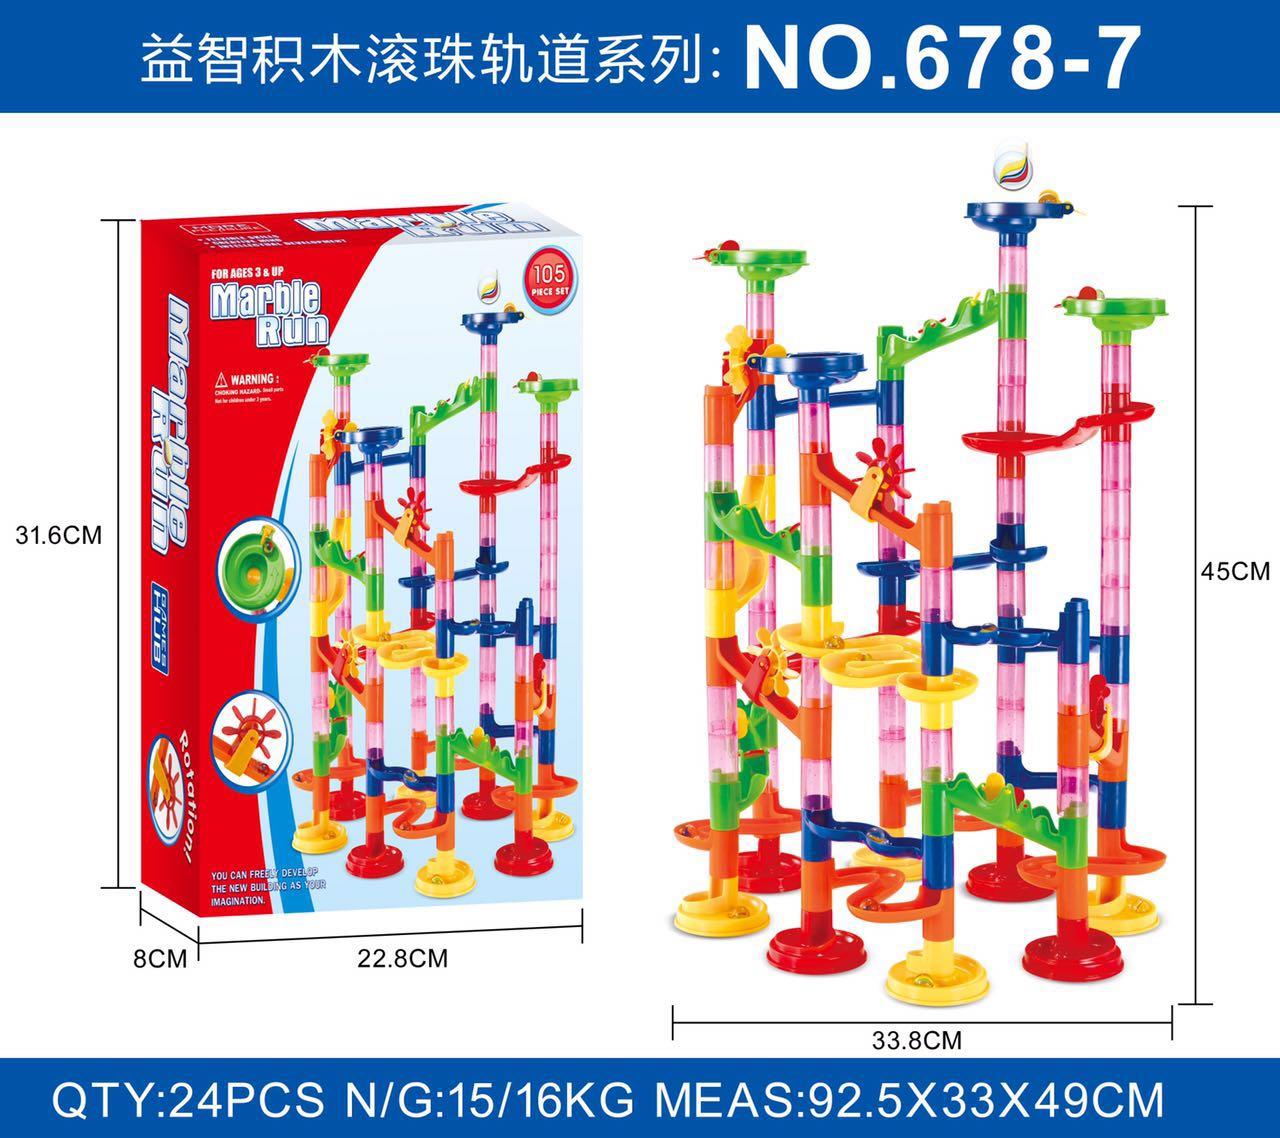 特价儿童大颗粒塑料拼装拼插积木滚珠轨道球益智3-4-5-6周岁玩具